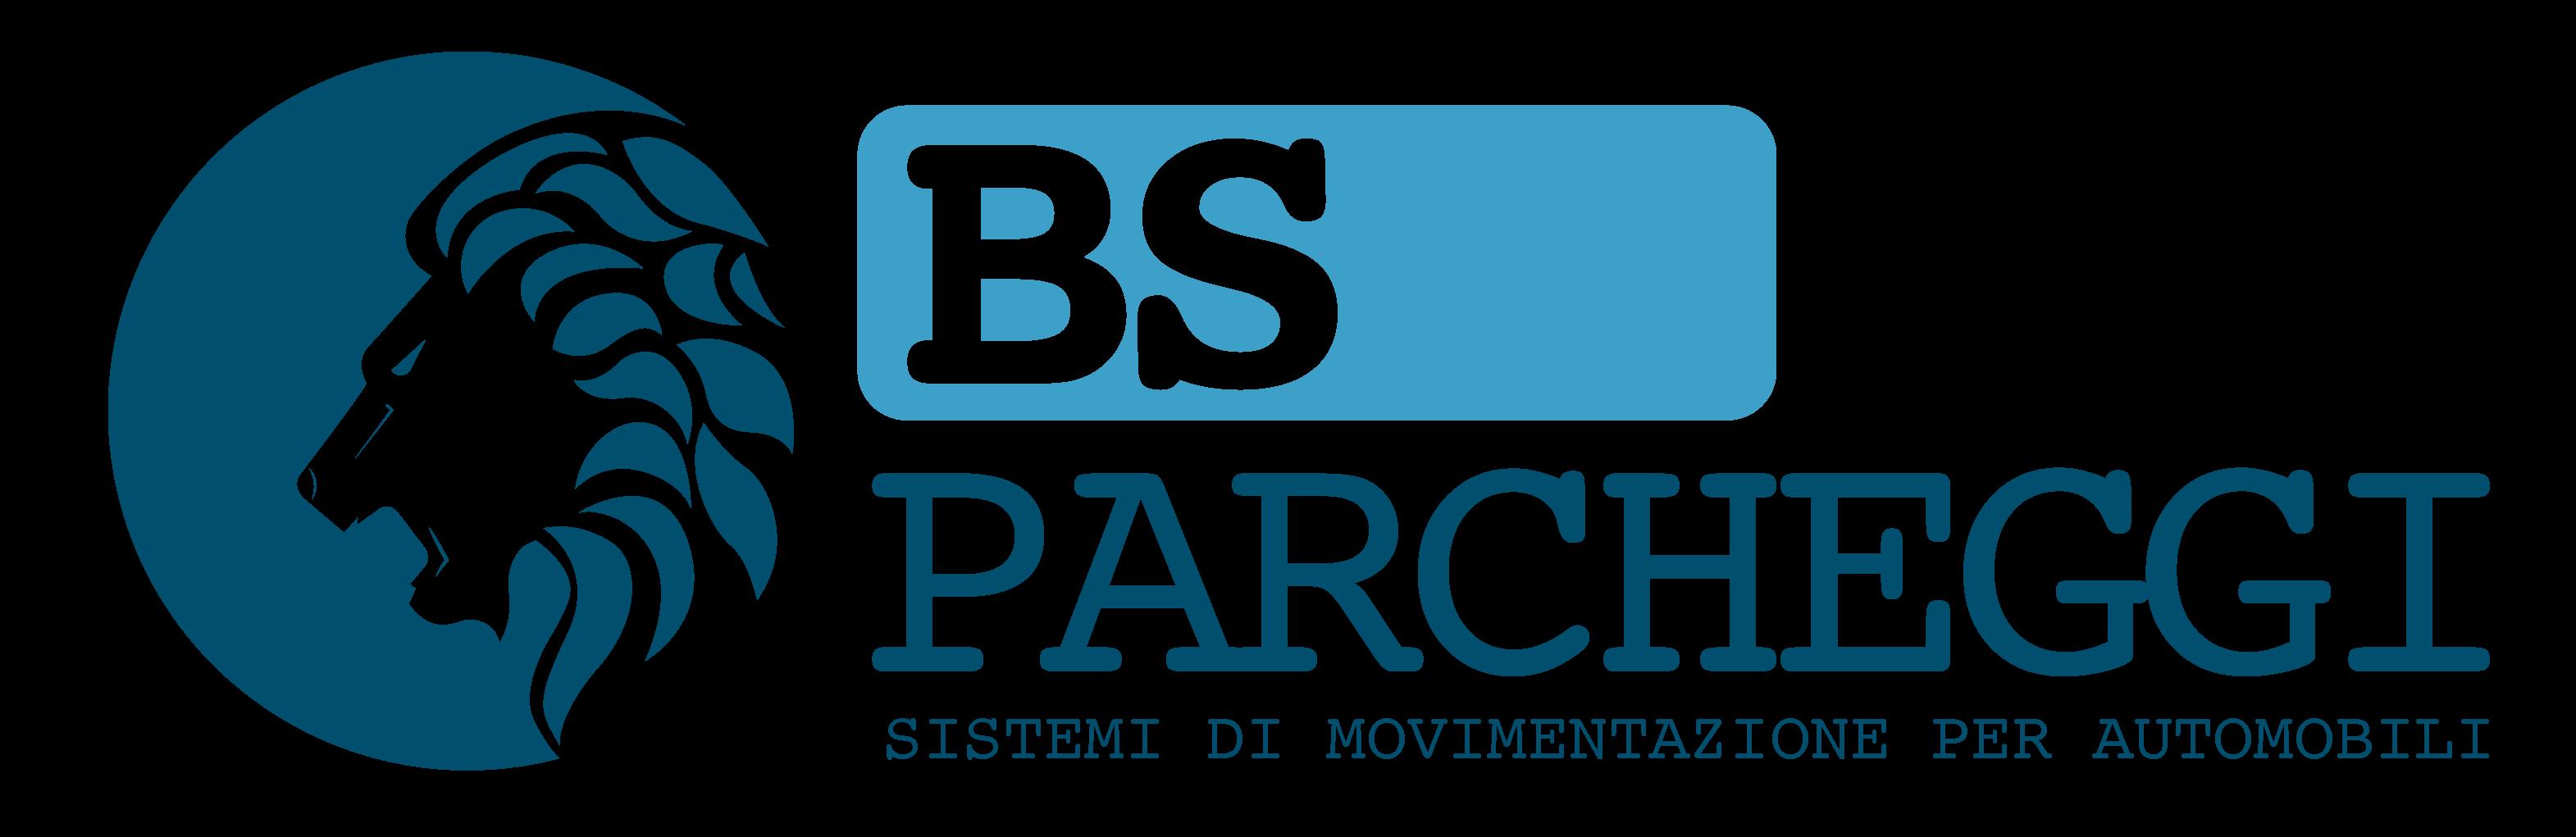 logo-bresciana-parcheggi-blu